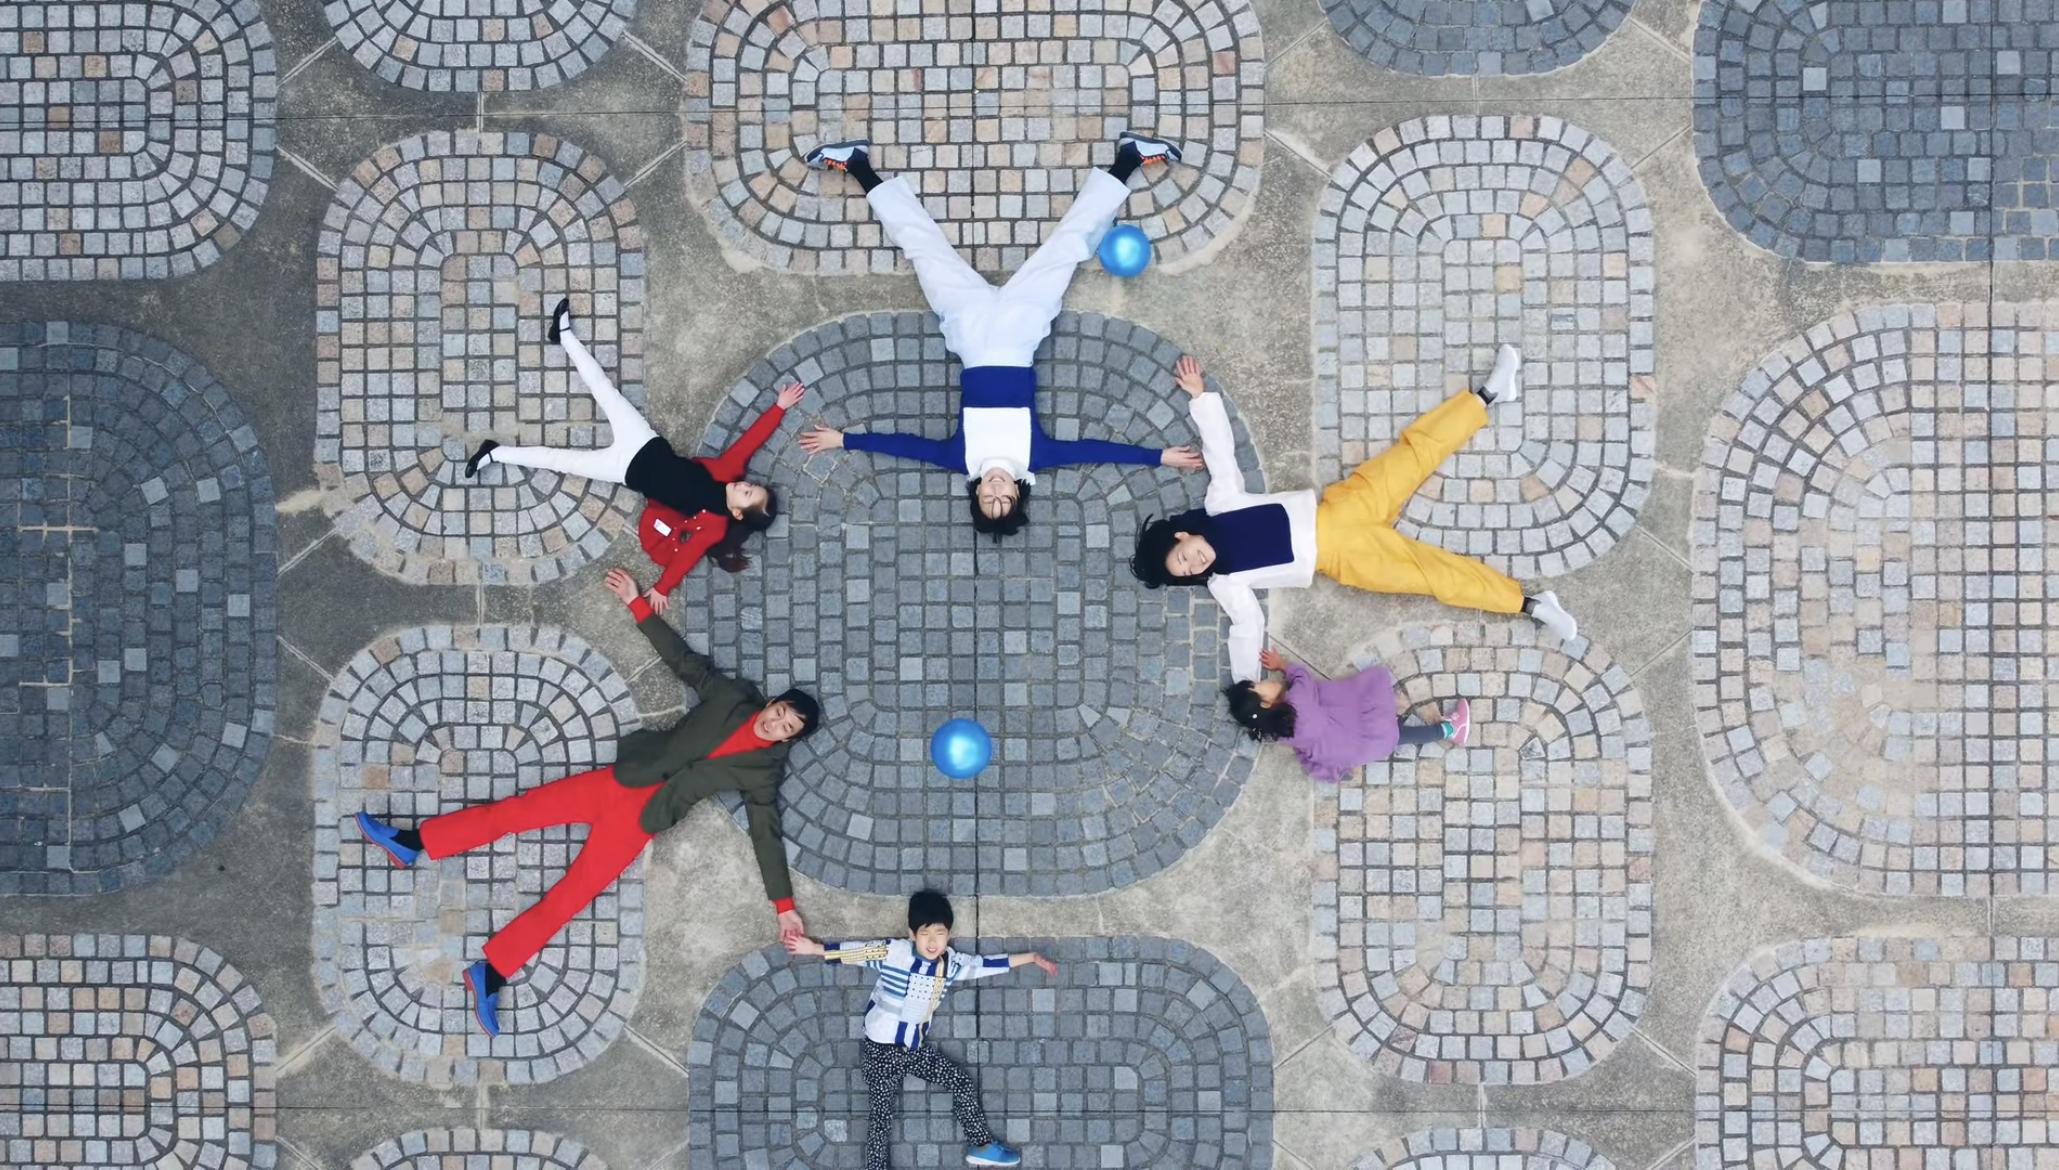 ロームシアター京都 建築ドキュメンテーションダンス